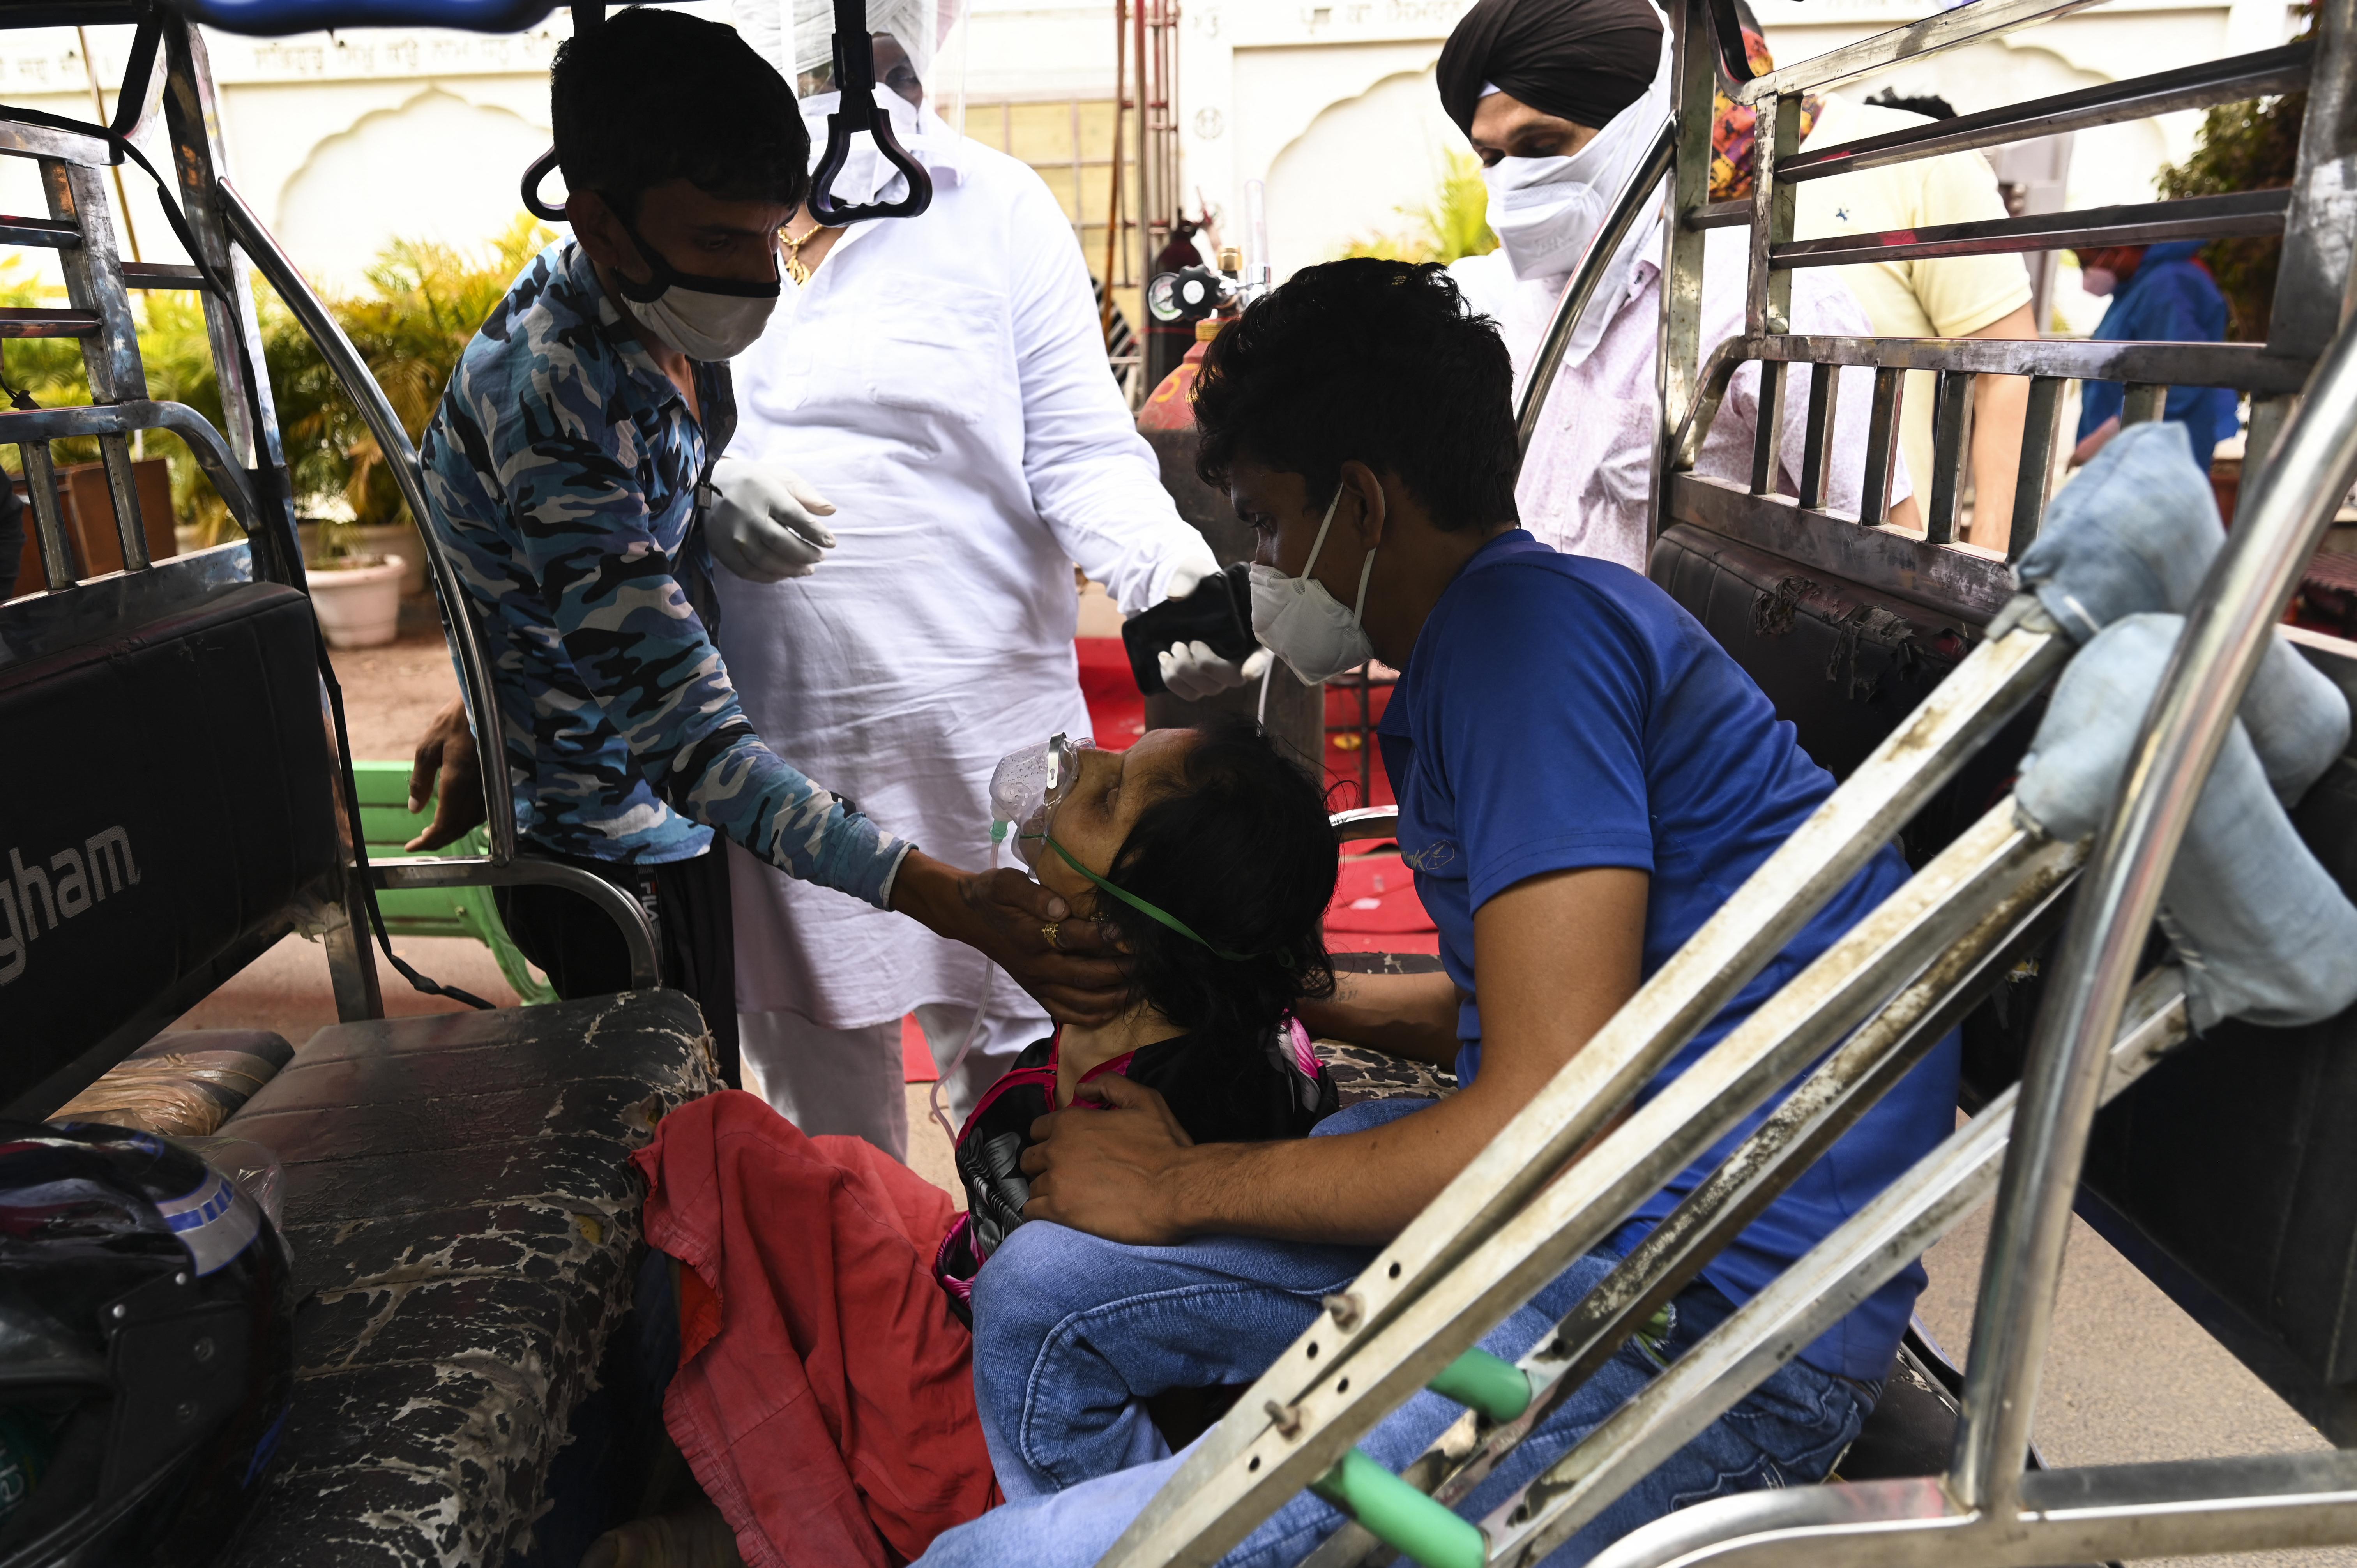 Autókban és riksákban állnak sorba a betegek oxigénért a szikh templomok előtt Új-Delhiben